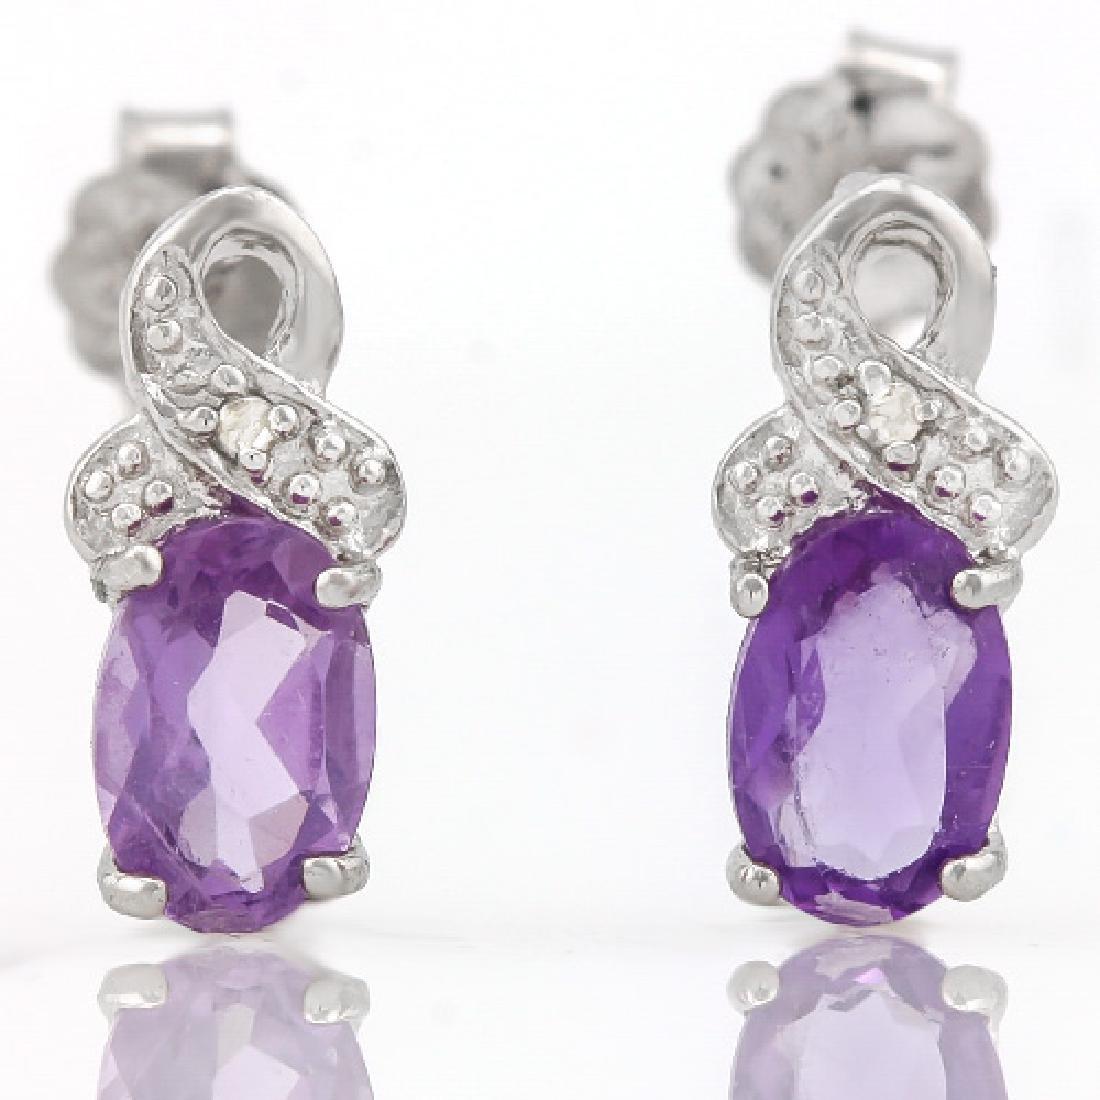 1/3 CARAT AMETHYST & DIAMOND 925 STERLING SILVER EARRIN